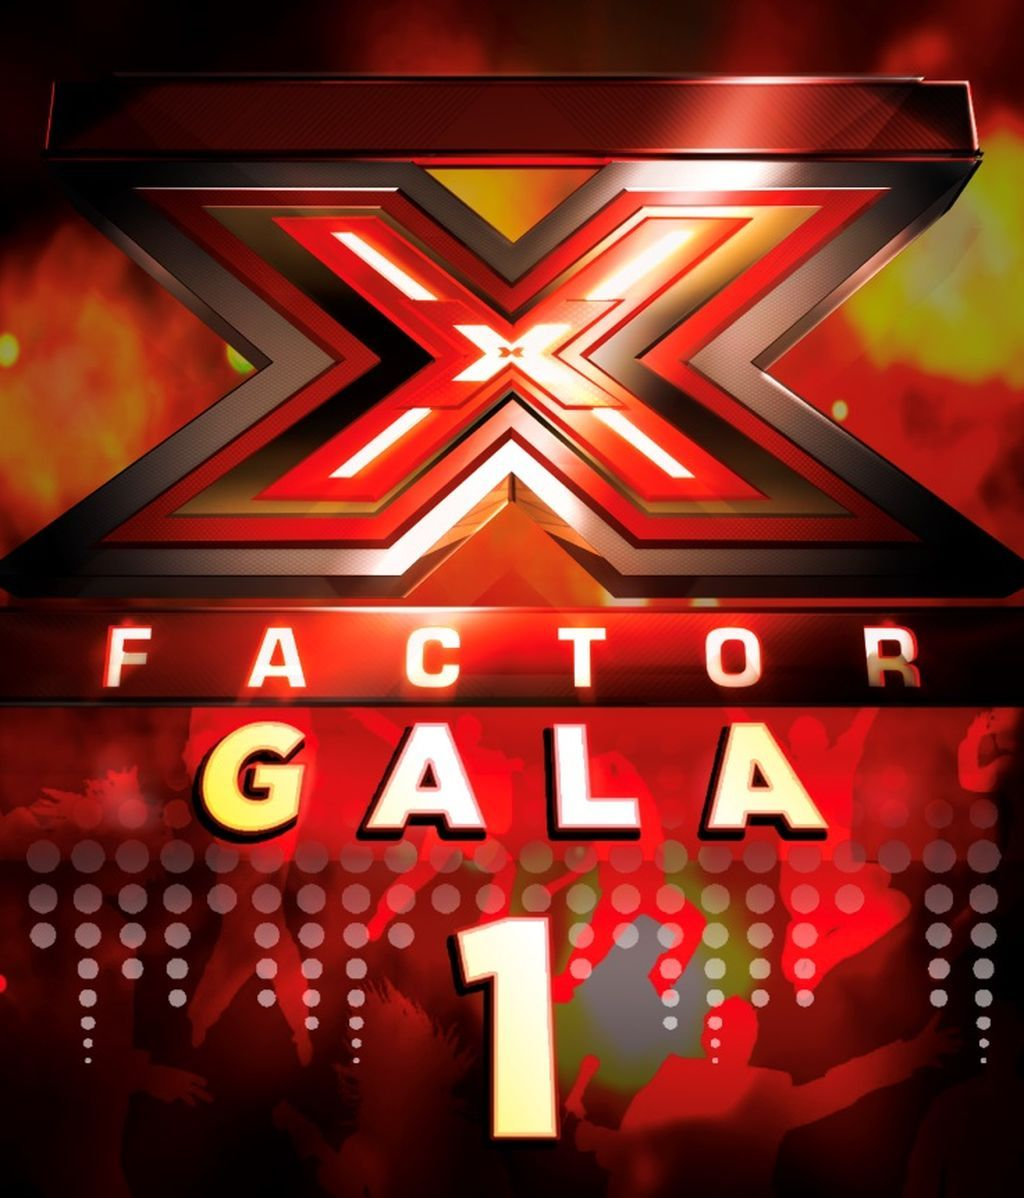 ¡Siente el Factor X! Ya están disponibles en todas las plataformas digitales los temas de la primera gala